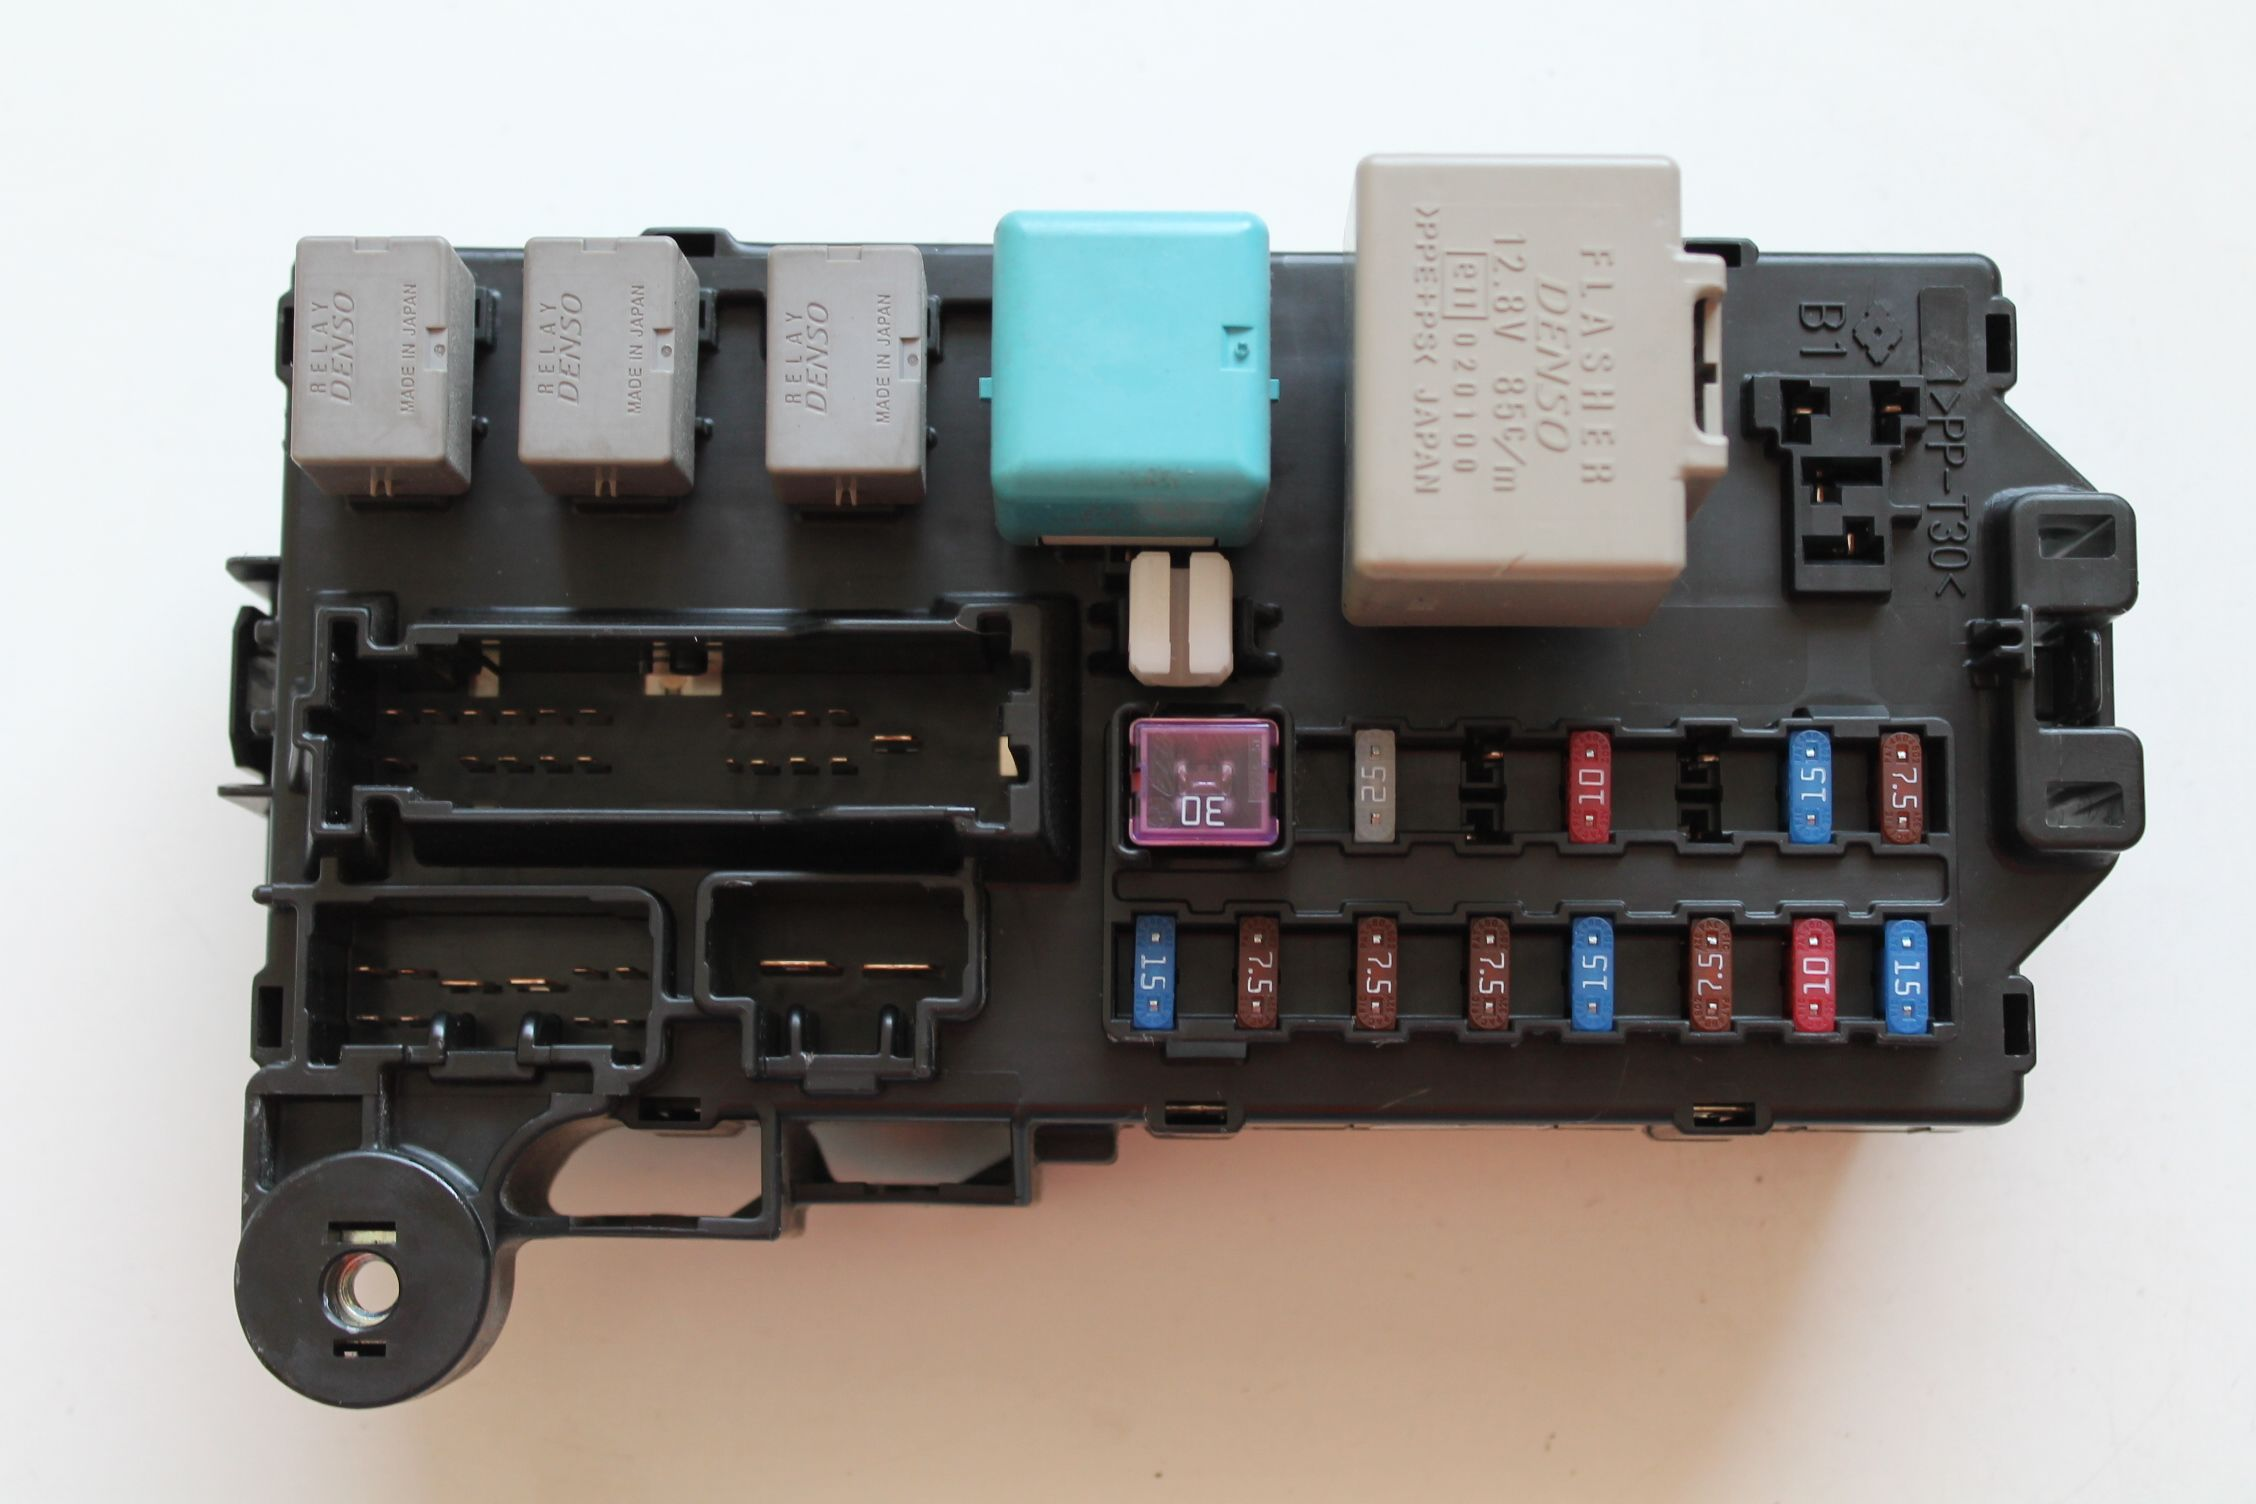 fuse box in daihatsu terios    daihatsu       terios       fuse       box    with door control module 85980     daihatsu       terios       fuse       box    with door control module 85980